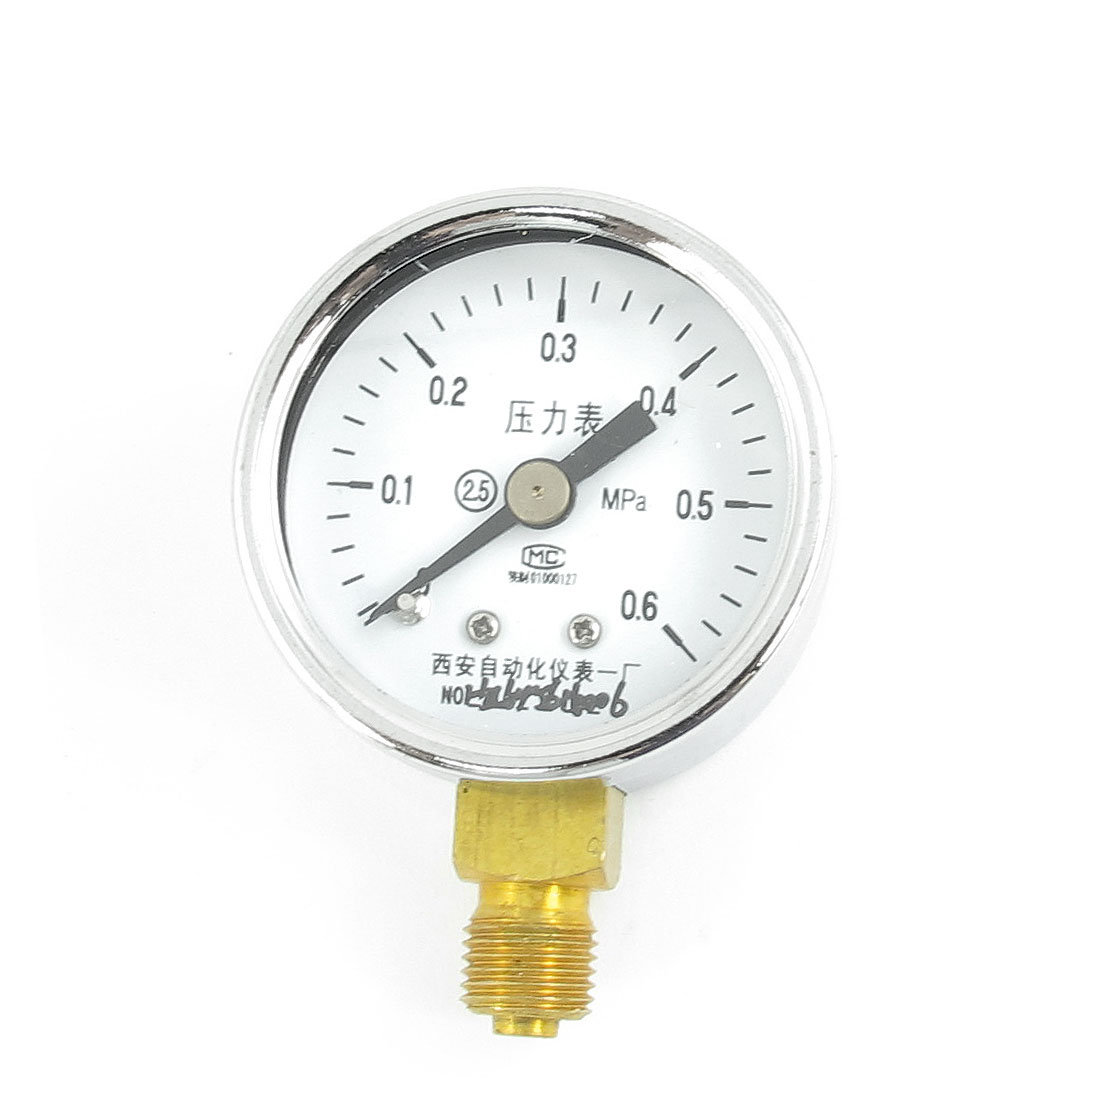 Silver Tone Case 1/8PT Male Threaded 0-0.6Mpa Pneumatic Air Pressure Gauge